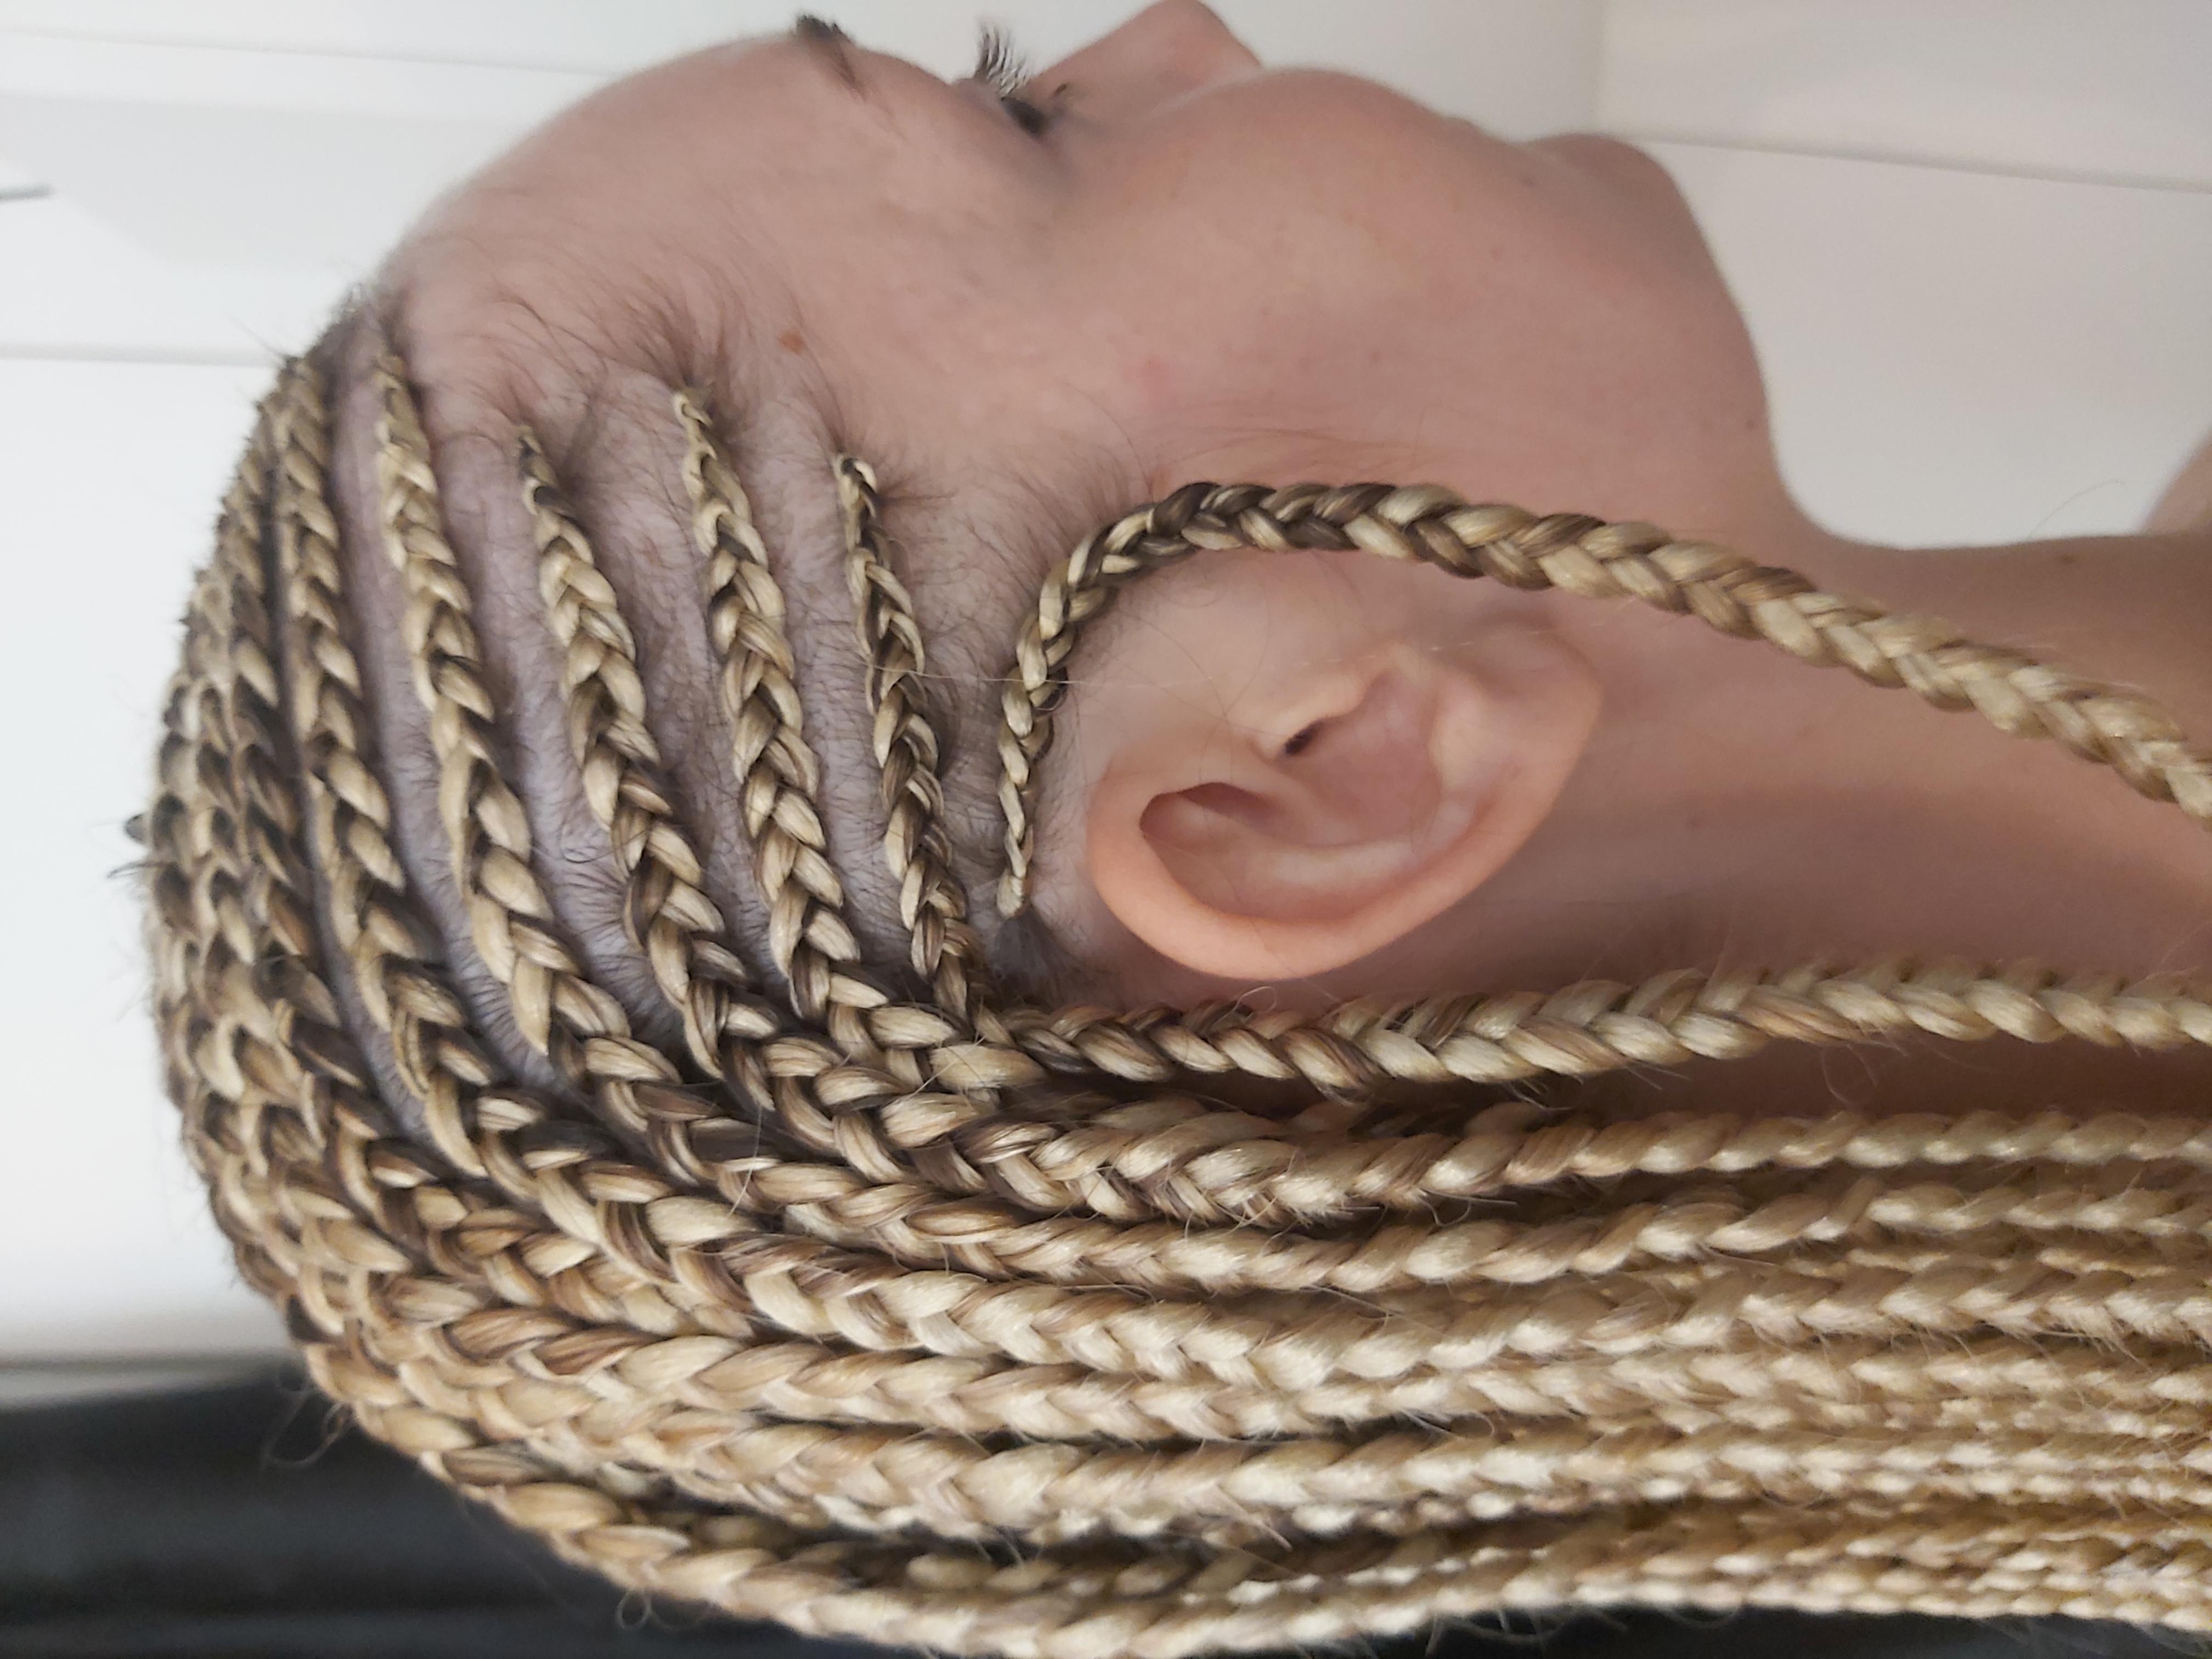 salon de coiffure afro tresse tresses box braids crochet braids vanilles tissages paris 75 77 78 91 92 93 94 95 EQNHWWKR